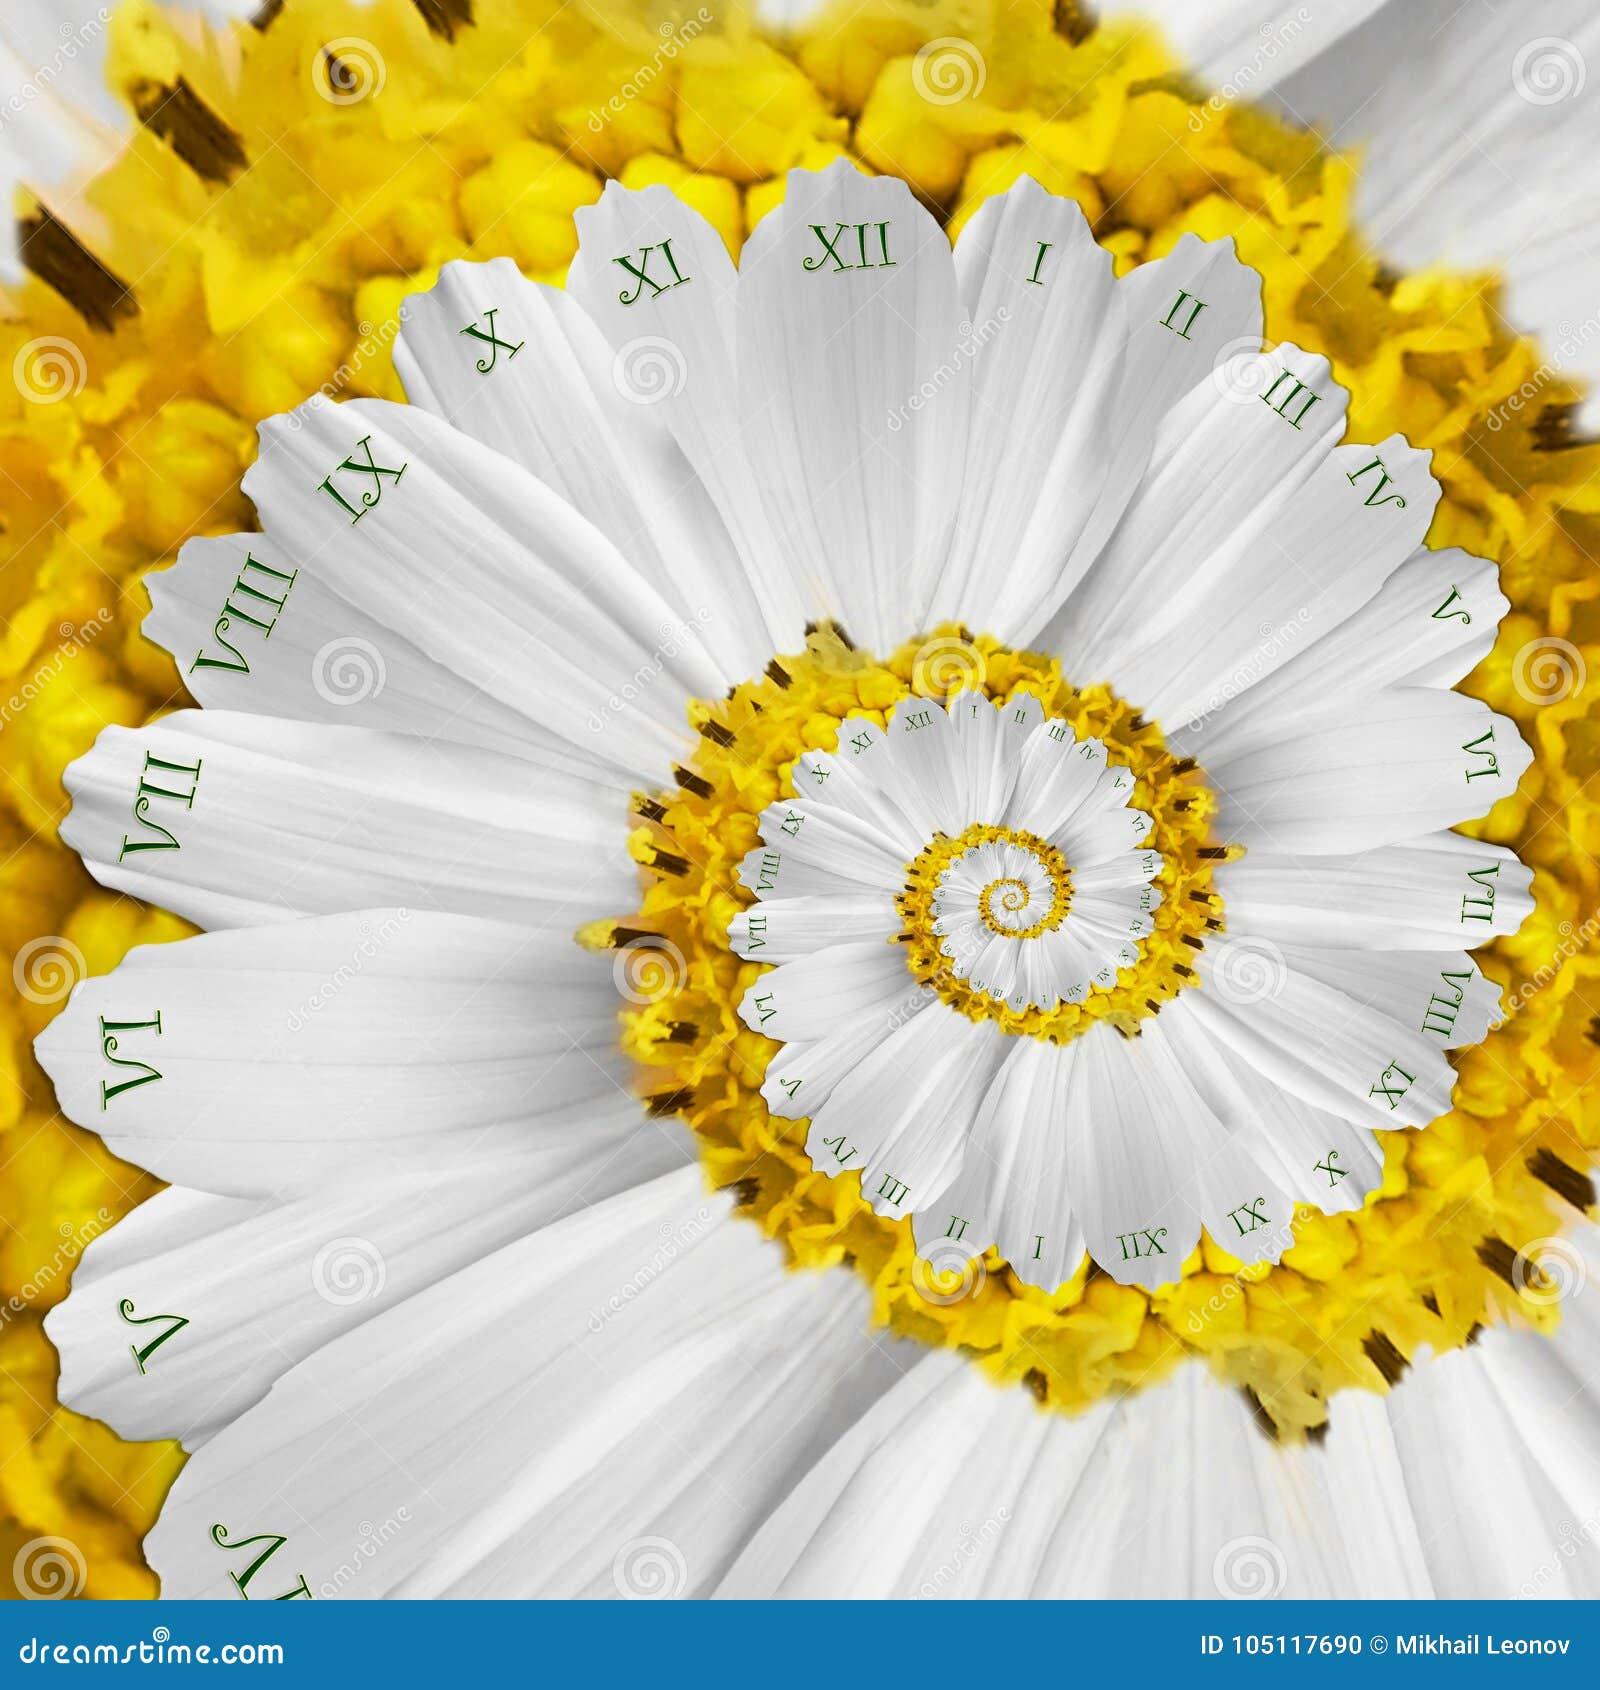 Espiral surrealista del fractal del extracto del reloj de la flor amarilla blanca Fondo abstracto inusual del fractal de la textu